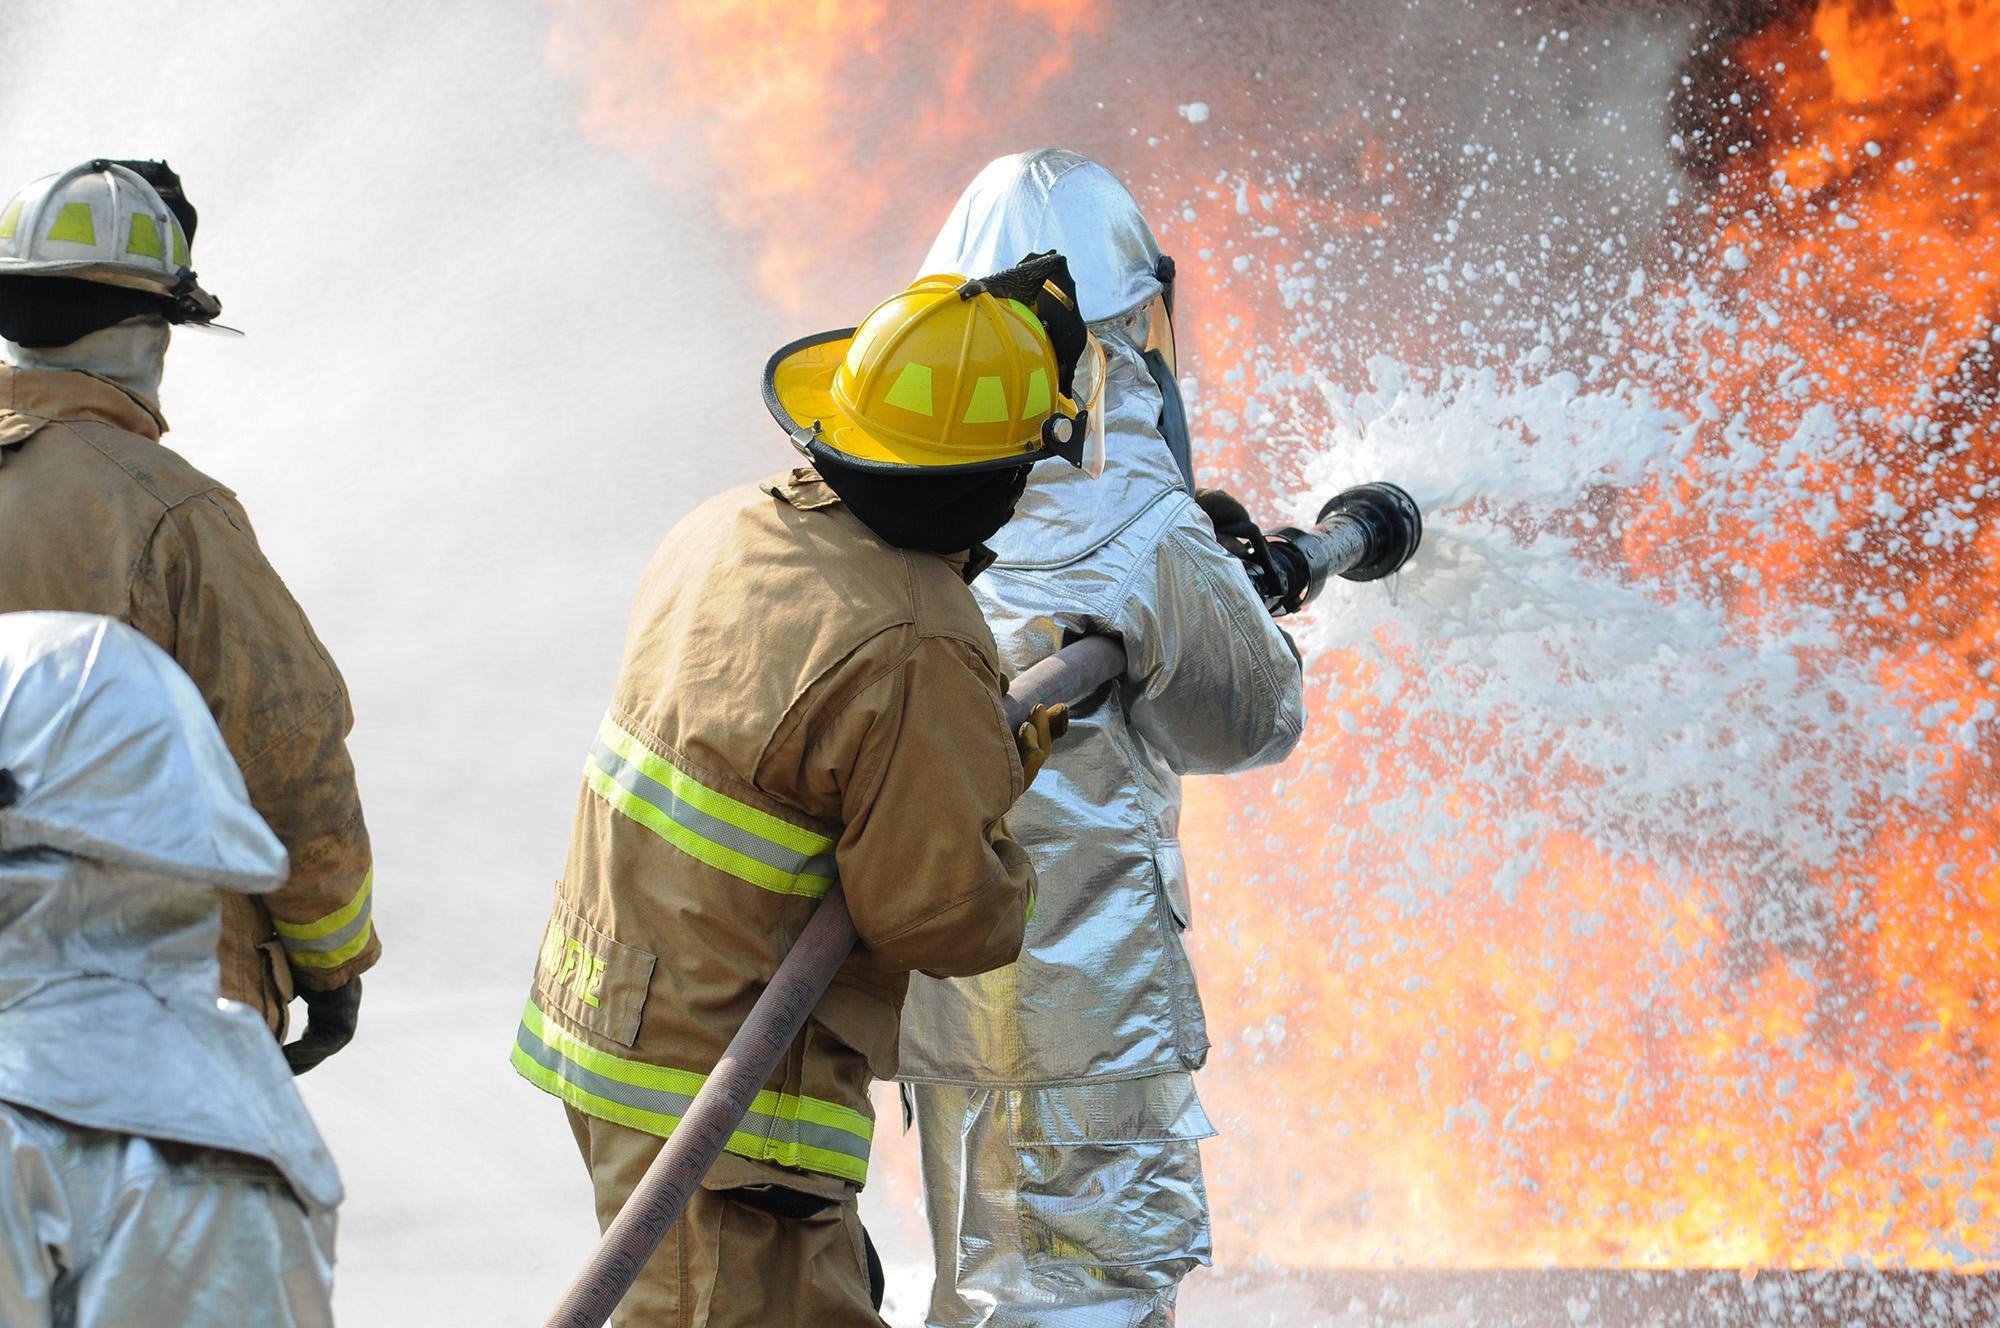 Firefighters spraying foam